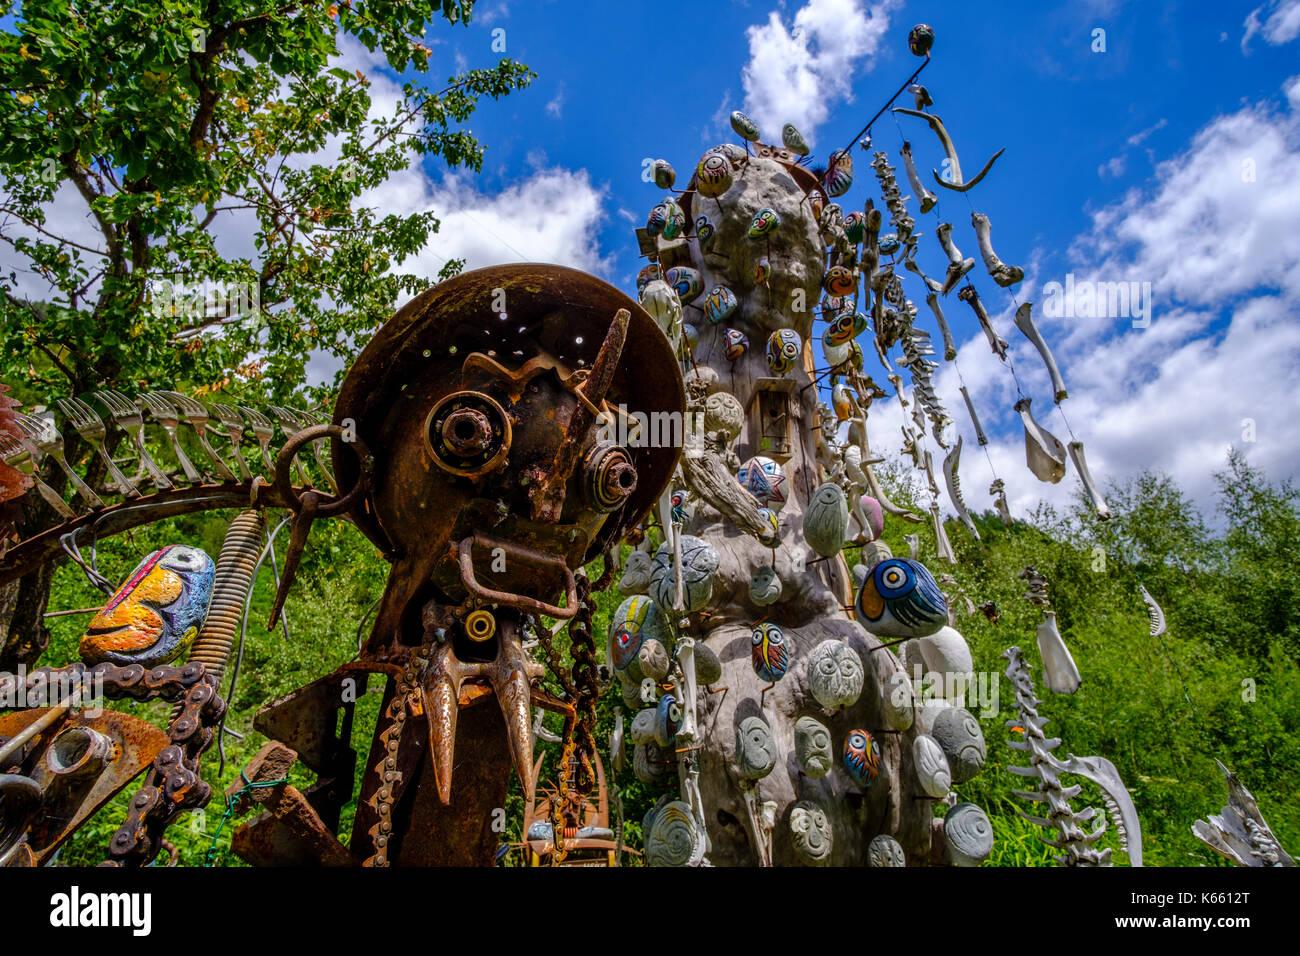 Phantasyful estatuas y piedras pintadas al aire libre-atelier de Lorenz kuntner Imagen De Stock